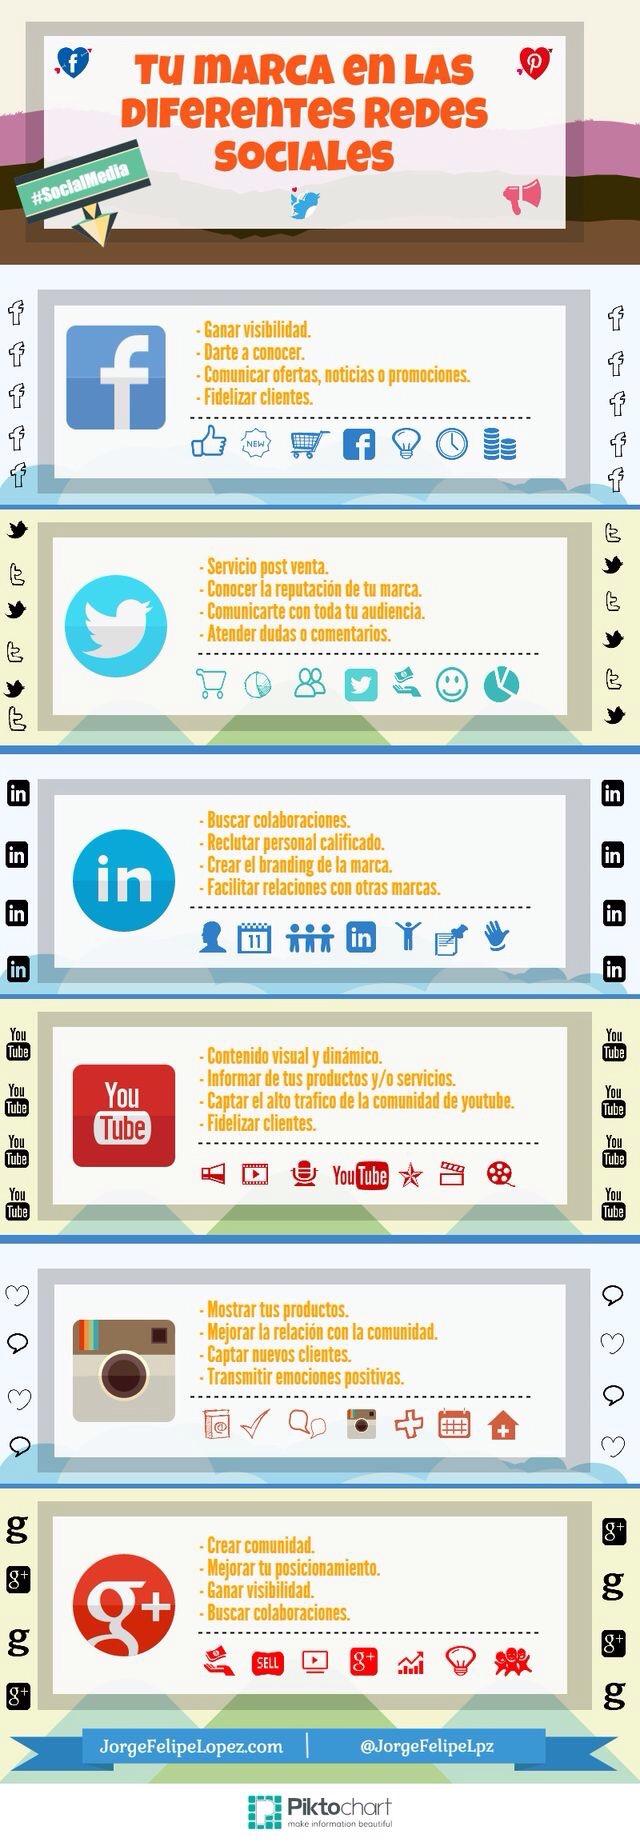 Tú marca  en las diferentes redes sociales